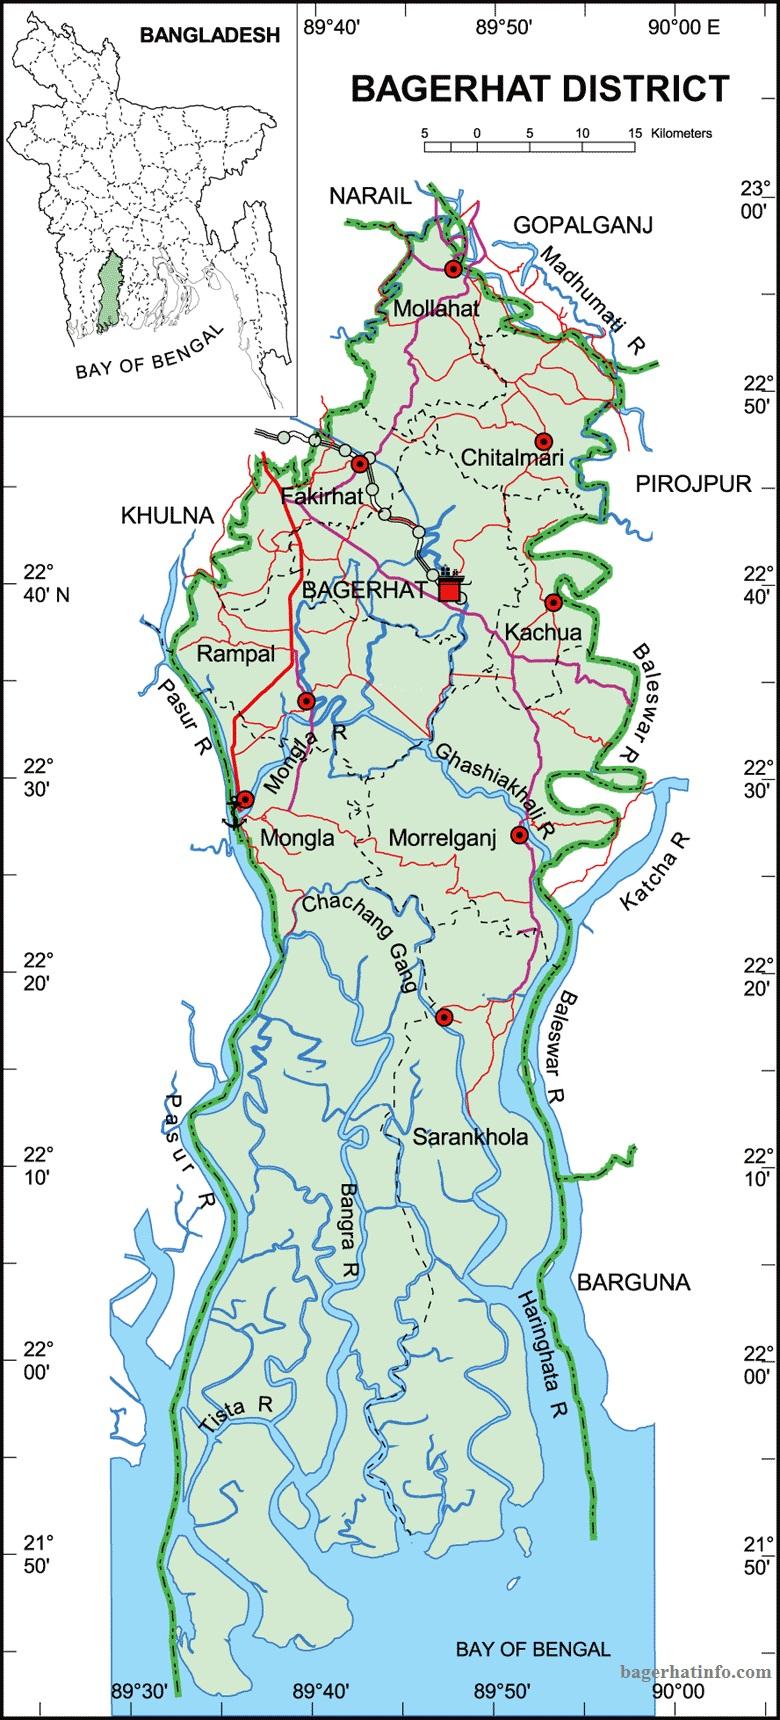 বাগেরহাট জেলার মানচিত্র